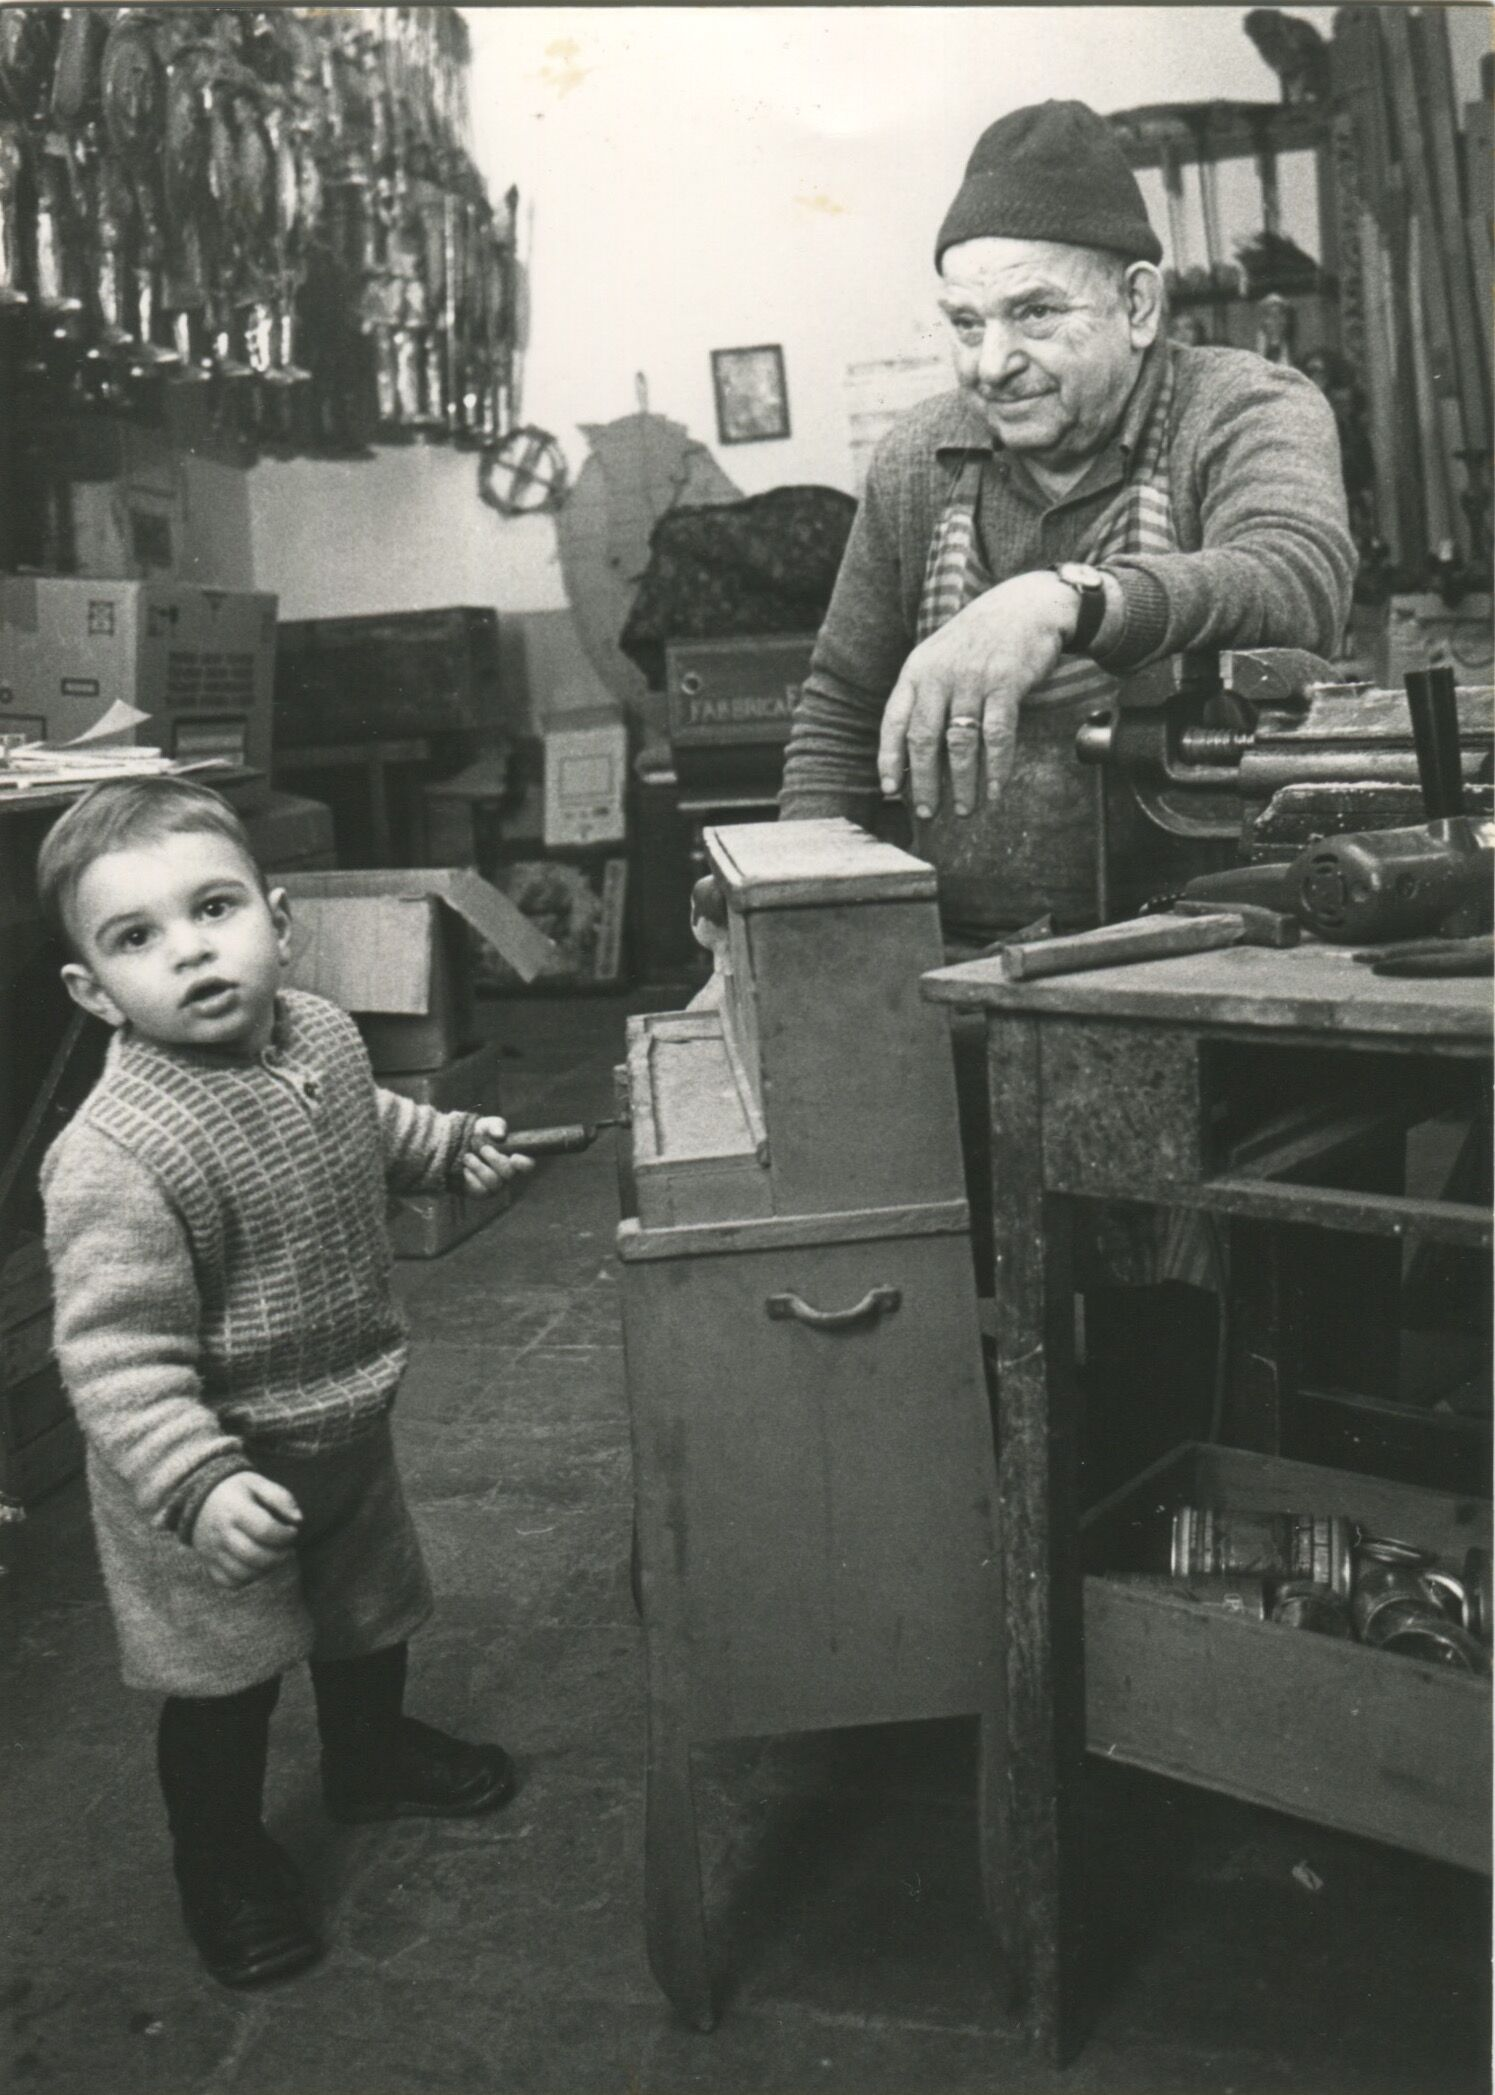 Le maître marionnettiste de l'<em>opera dei pupi</em>, Gia<em>c</em>omo Cuti<em>c</em><em>c</em>hio (Palerme, Si<em>c</em>ile, 1917-1985) ave<em>c</em> son petit-fils, également nommé Gia<em>c</em>omo Cuti<em>c</em><em>c</em>hio (le fils de Mimmo Cuti<em>c</em><em>c</em>hio, le <em>c</em>élèbre <em>puparo</em> et <em><em>c</em>untista</em>). Photo réproduite avec l'aimable autorisation de Figli d'Arte Cuticchio